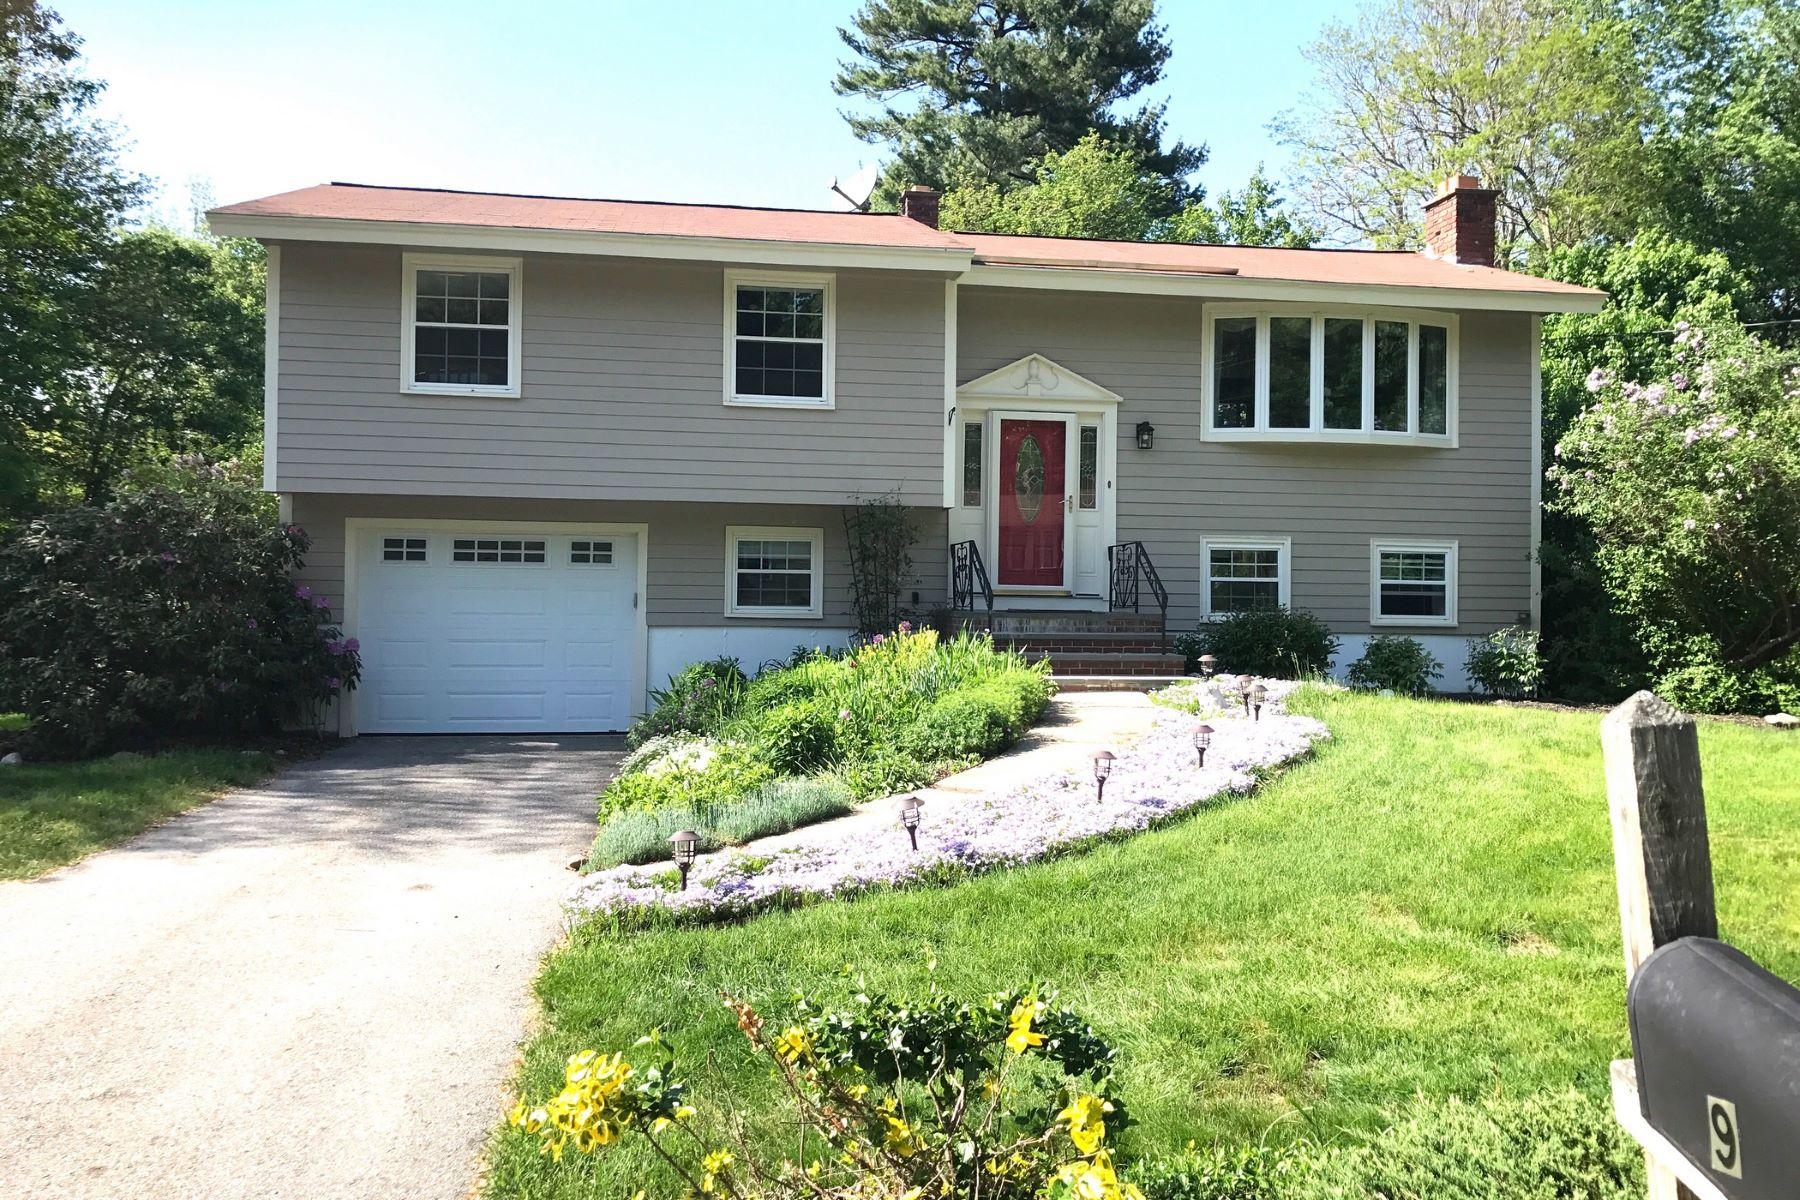 Nhà ở một gia đình vì Bán tại Great Neighborhood Location 9 Dakota Drive Chelmsford, Massachusetts, 01824 Hoa Kỳ